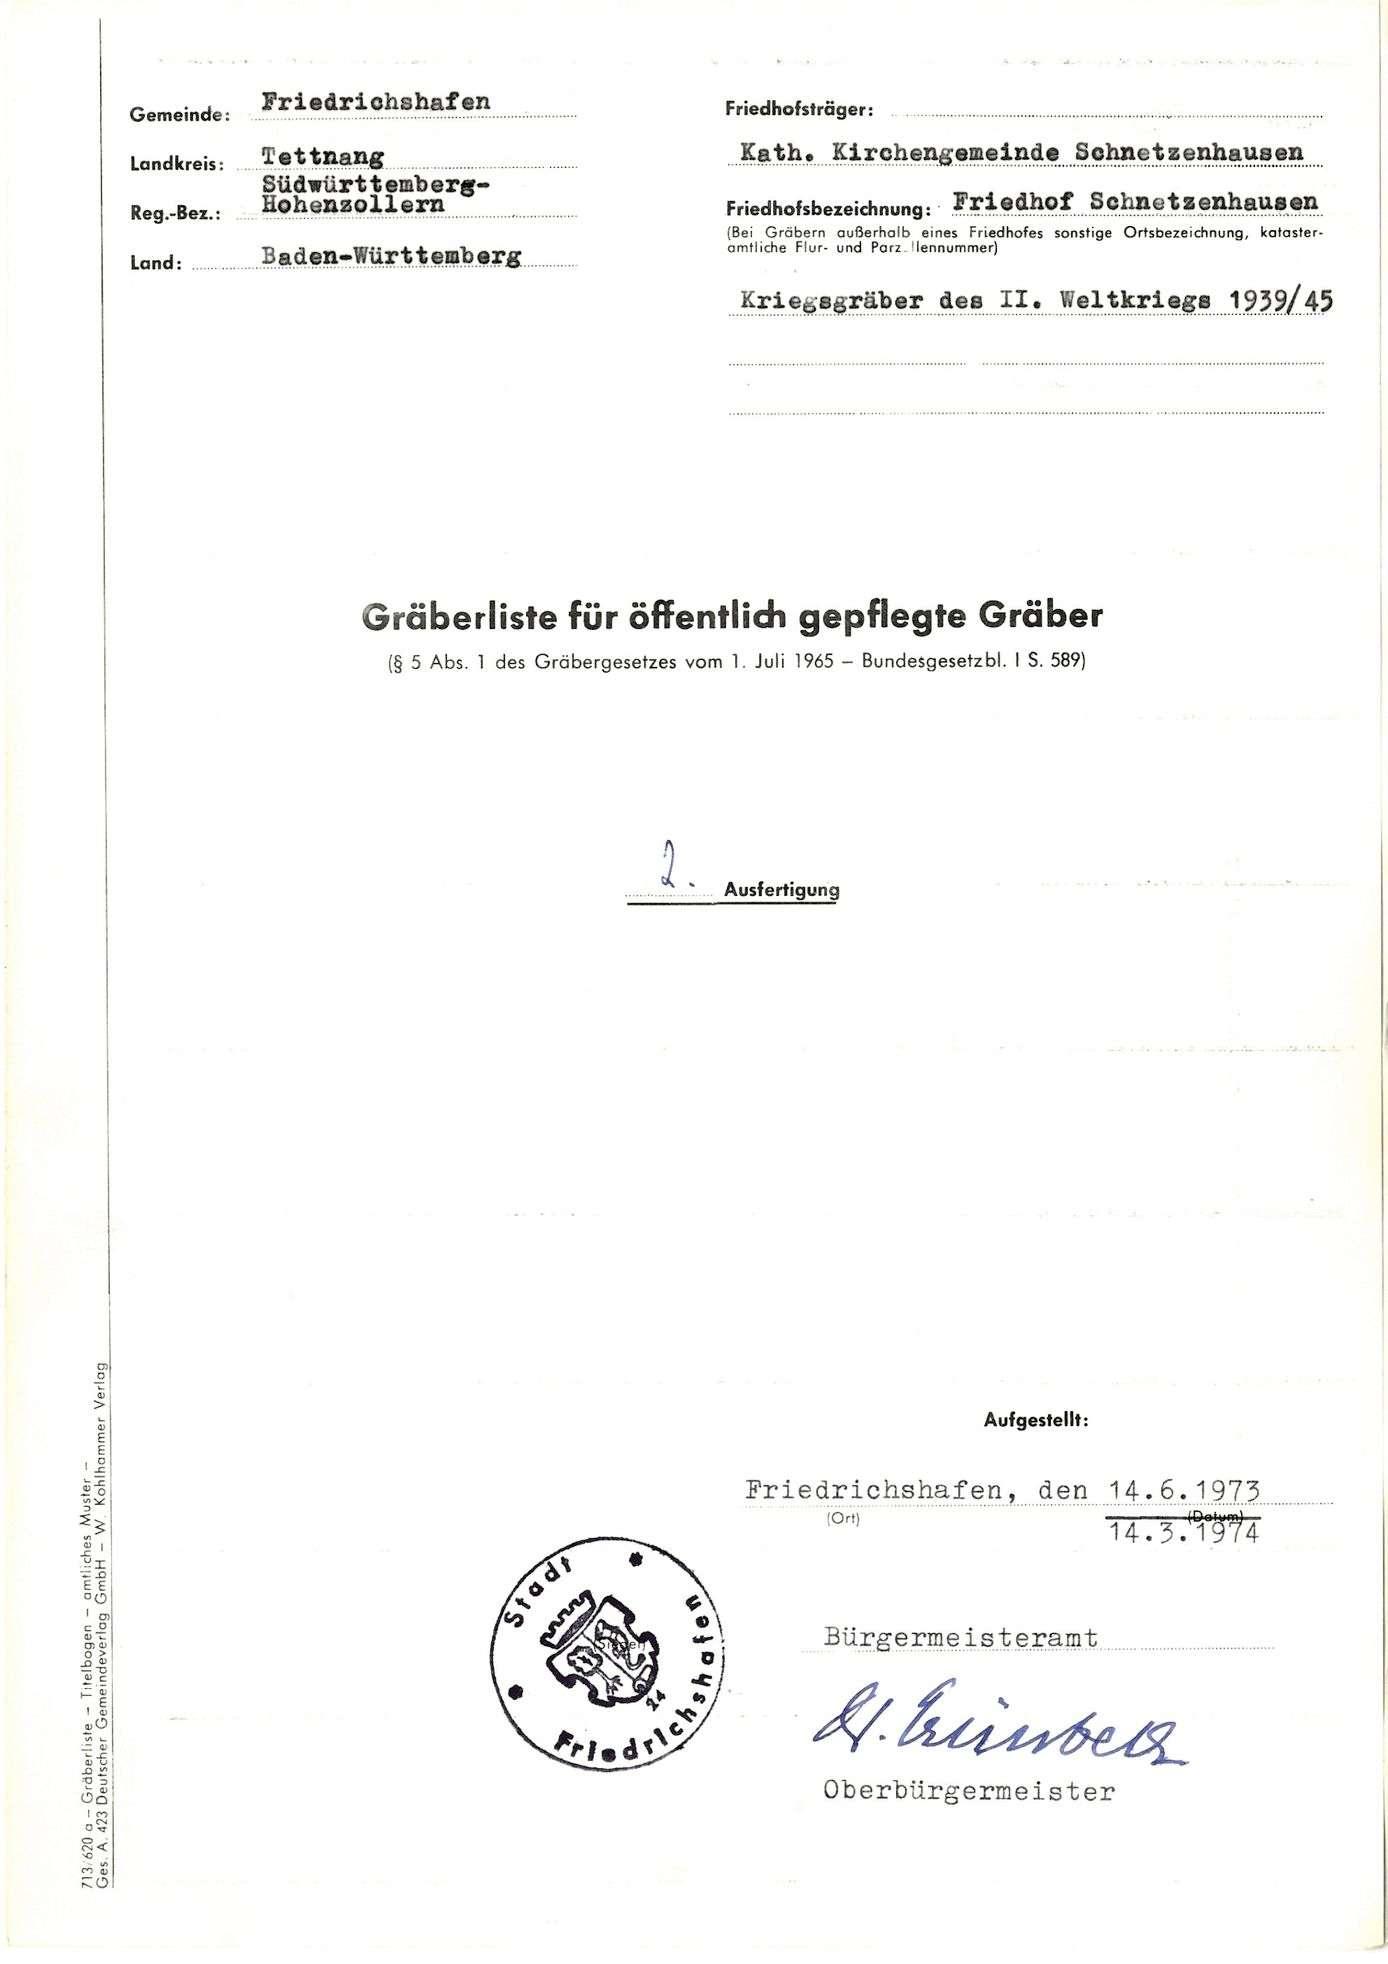 Schnetzenhausen, Bild 1